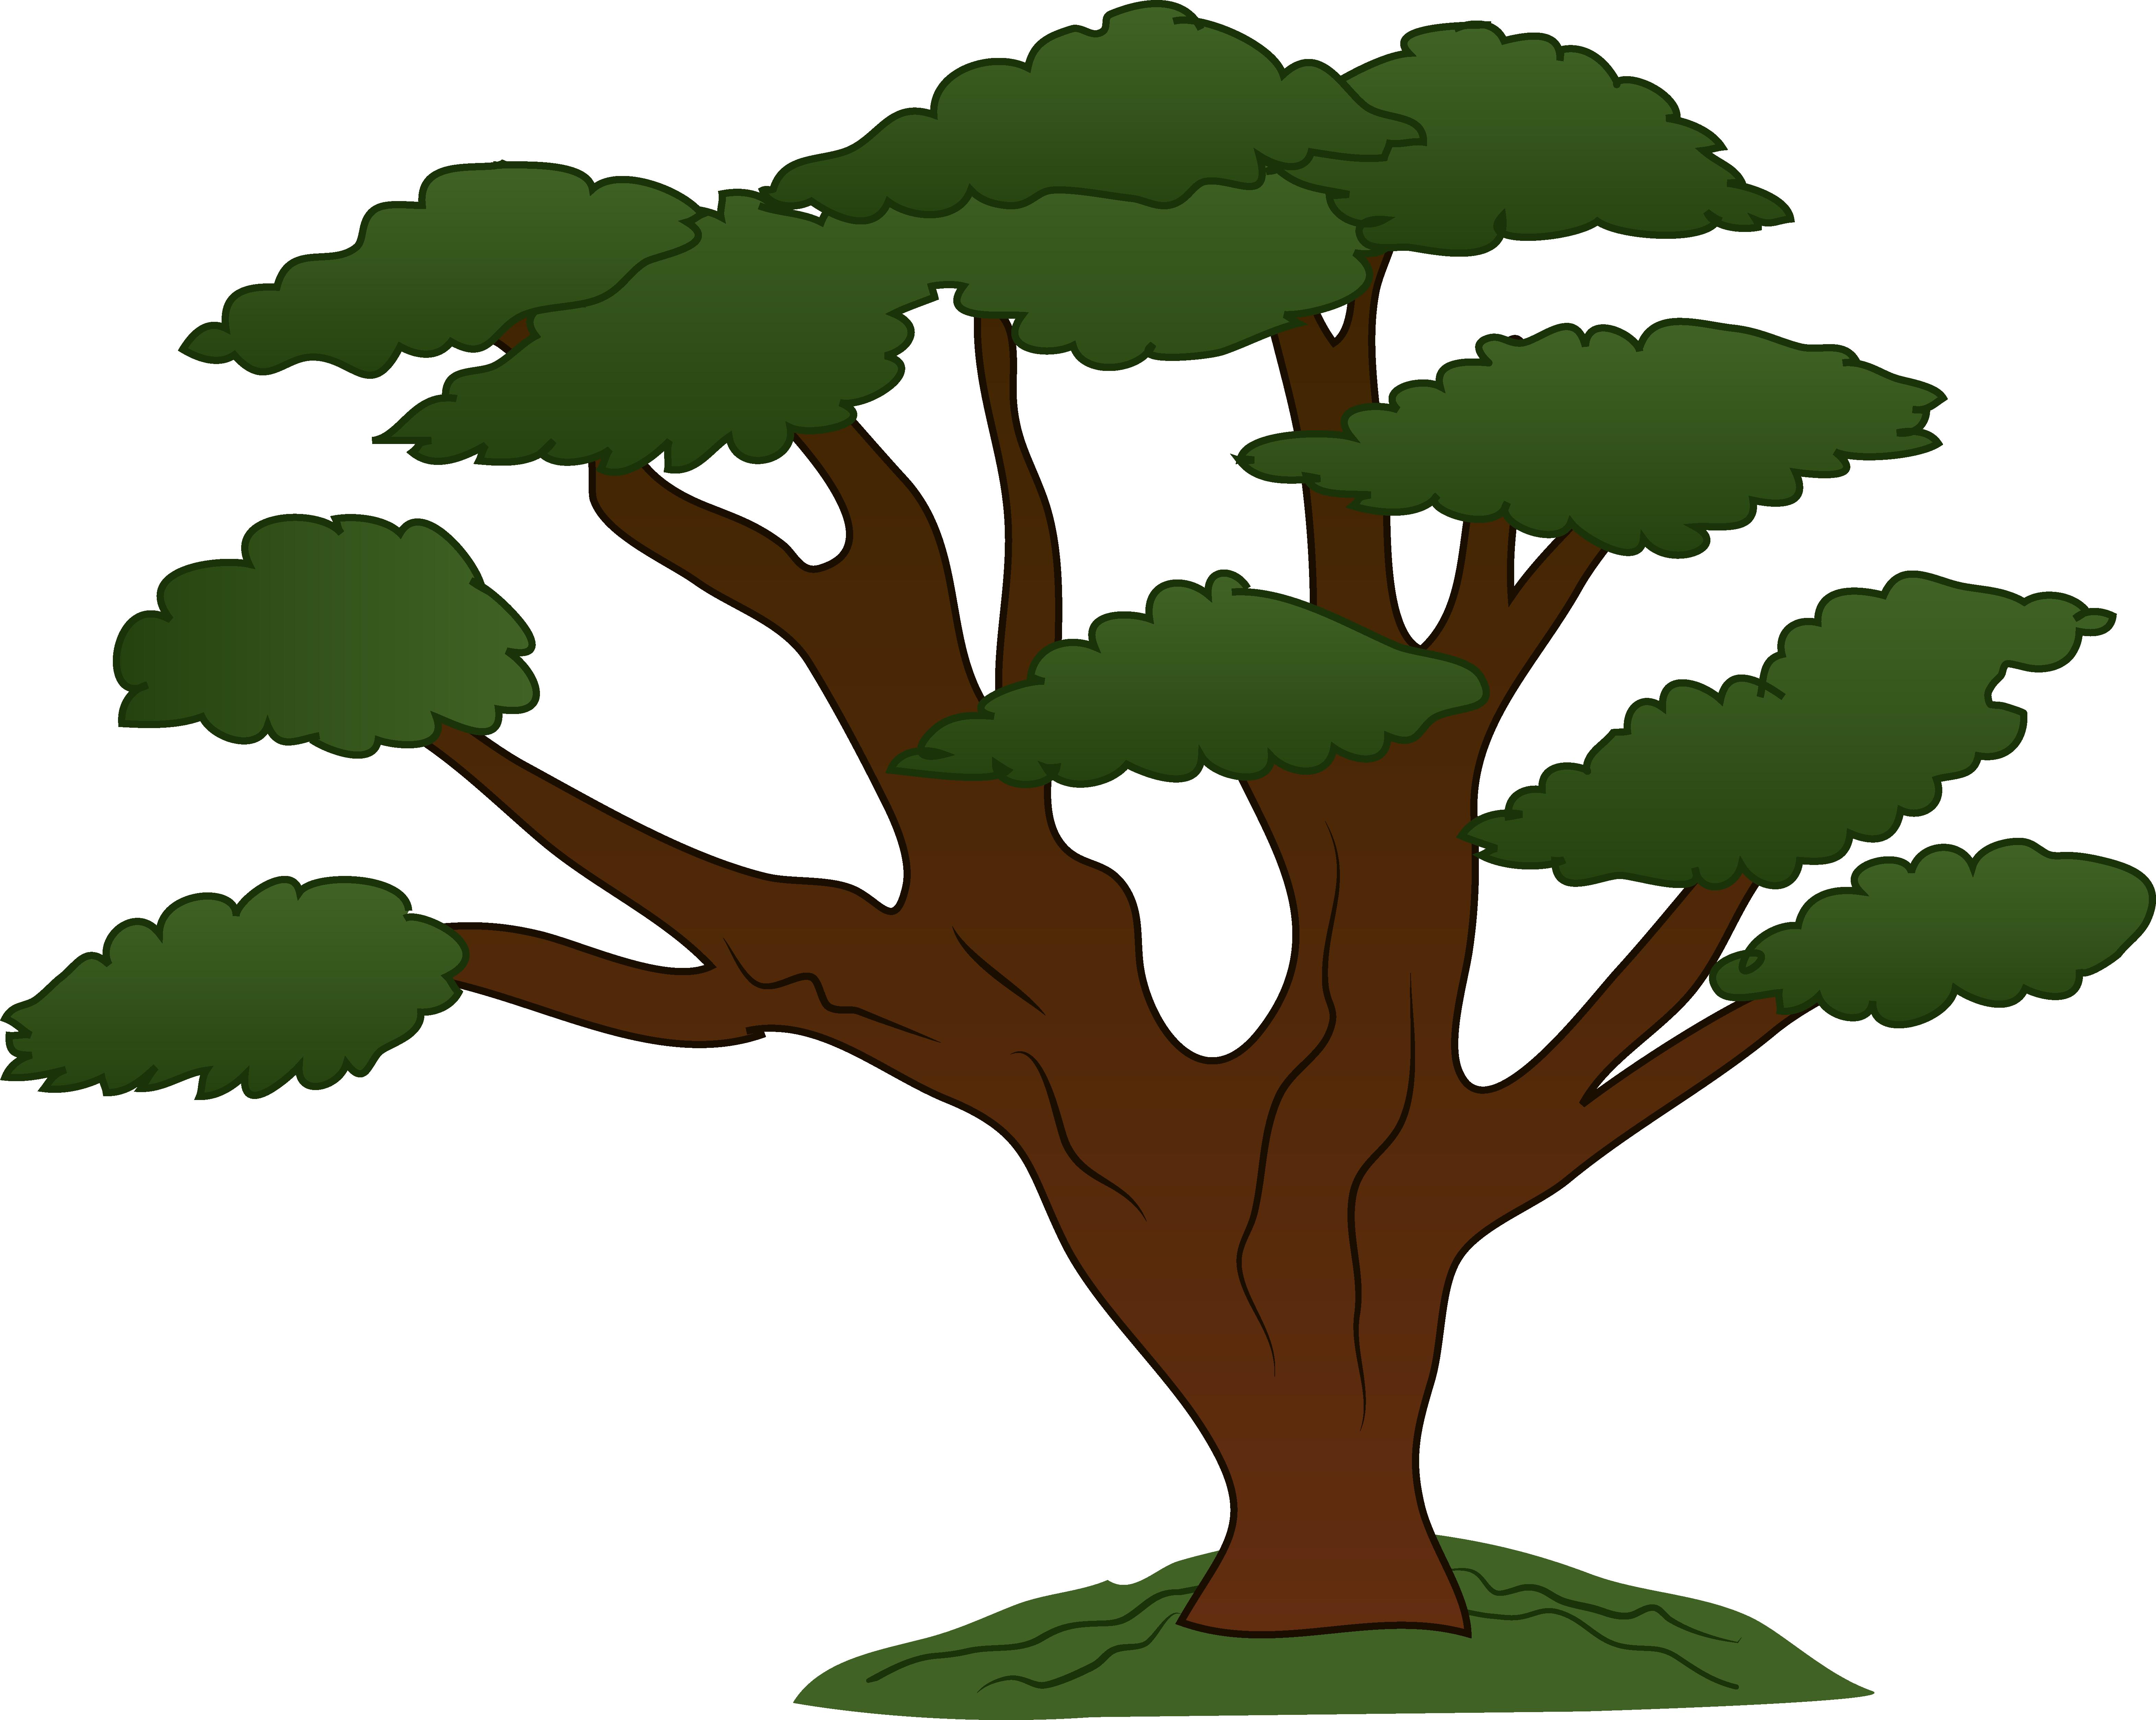 Tree Clip Art - clipartall